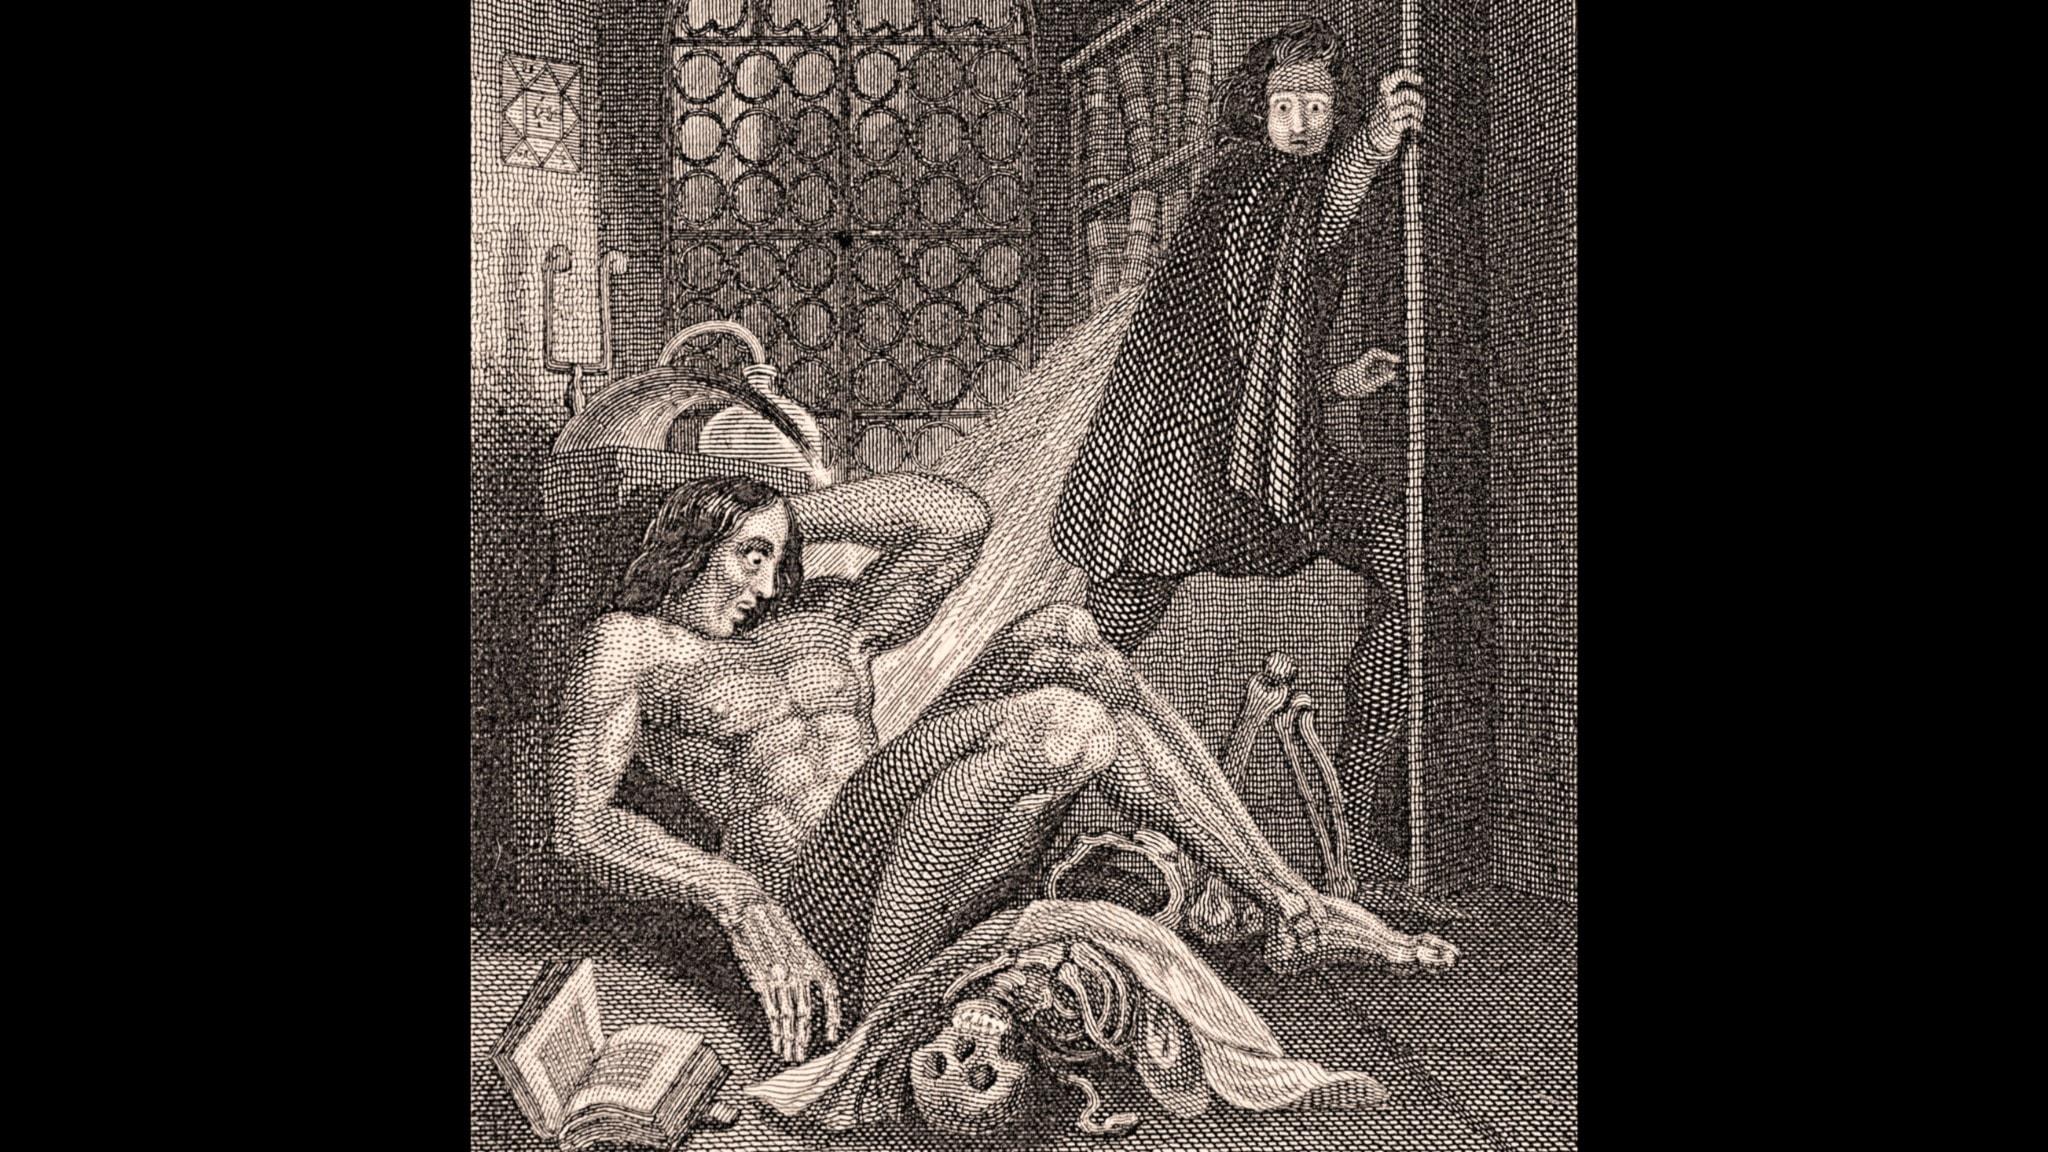 Titelsidan till Frankenstein av Theodor von Holst, en av de första illustrationerna till romanen (1831).